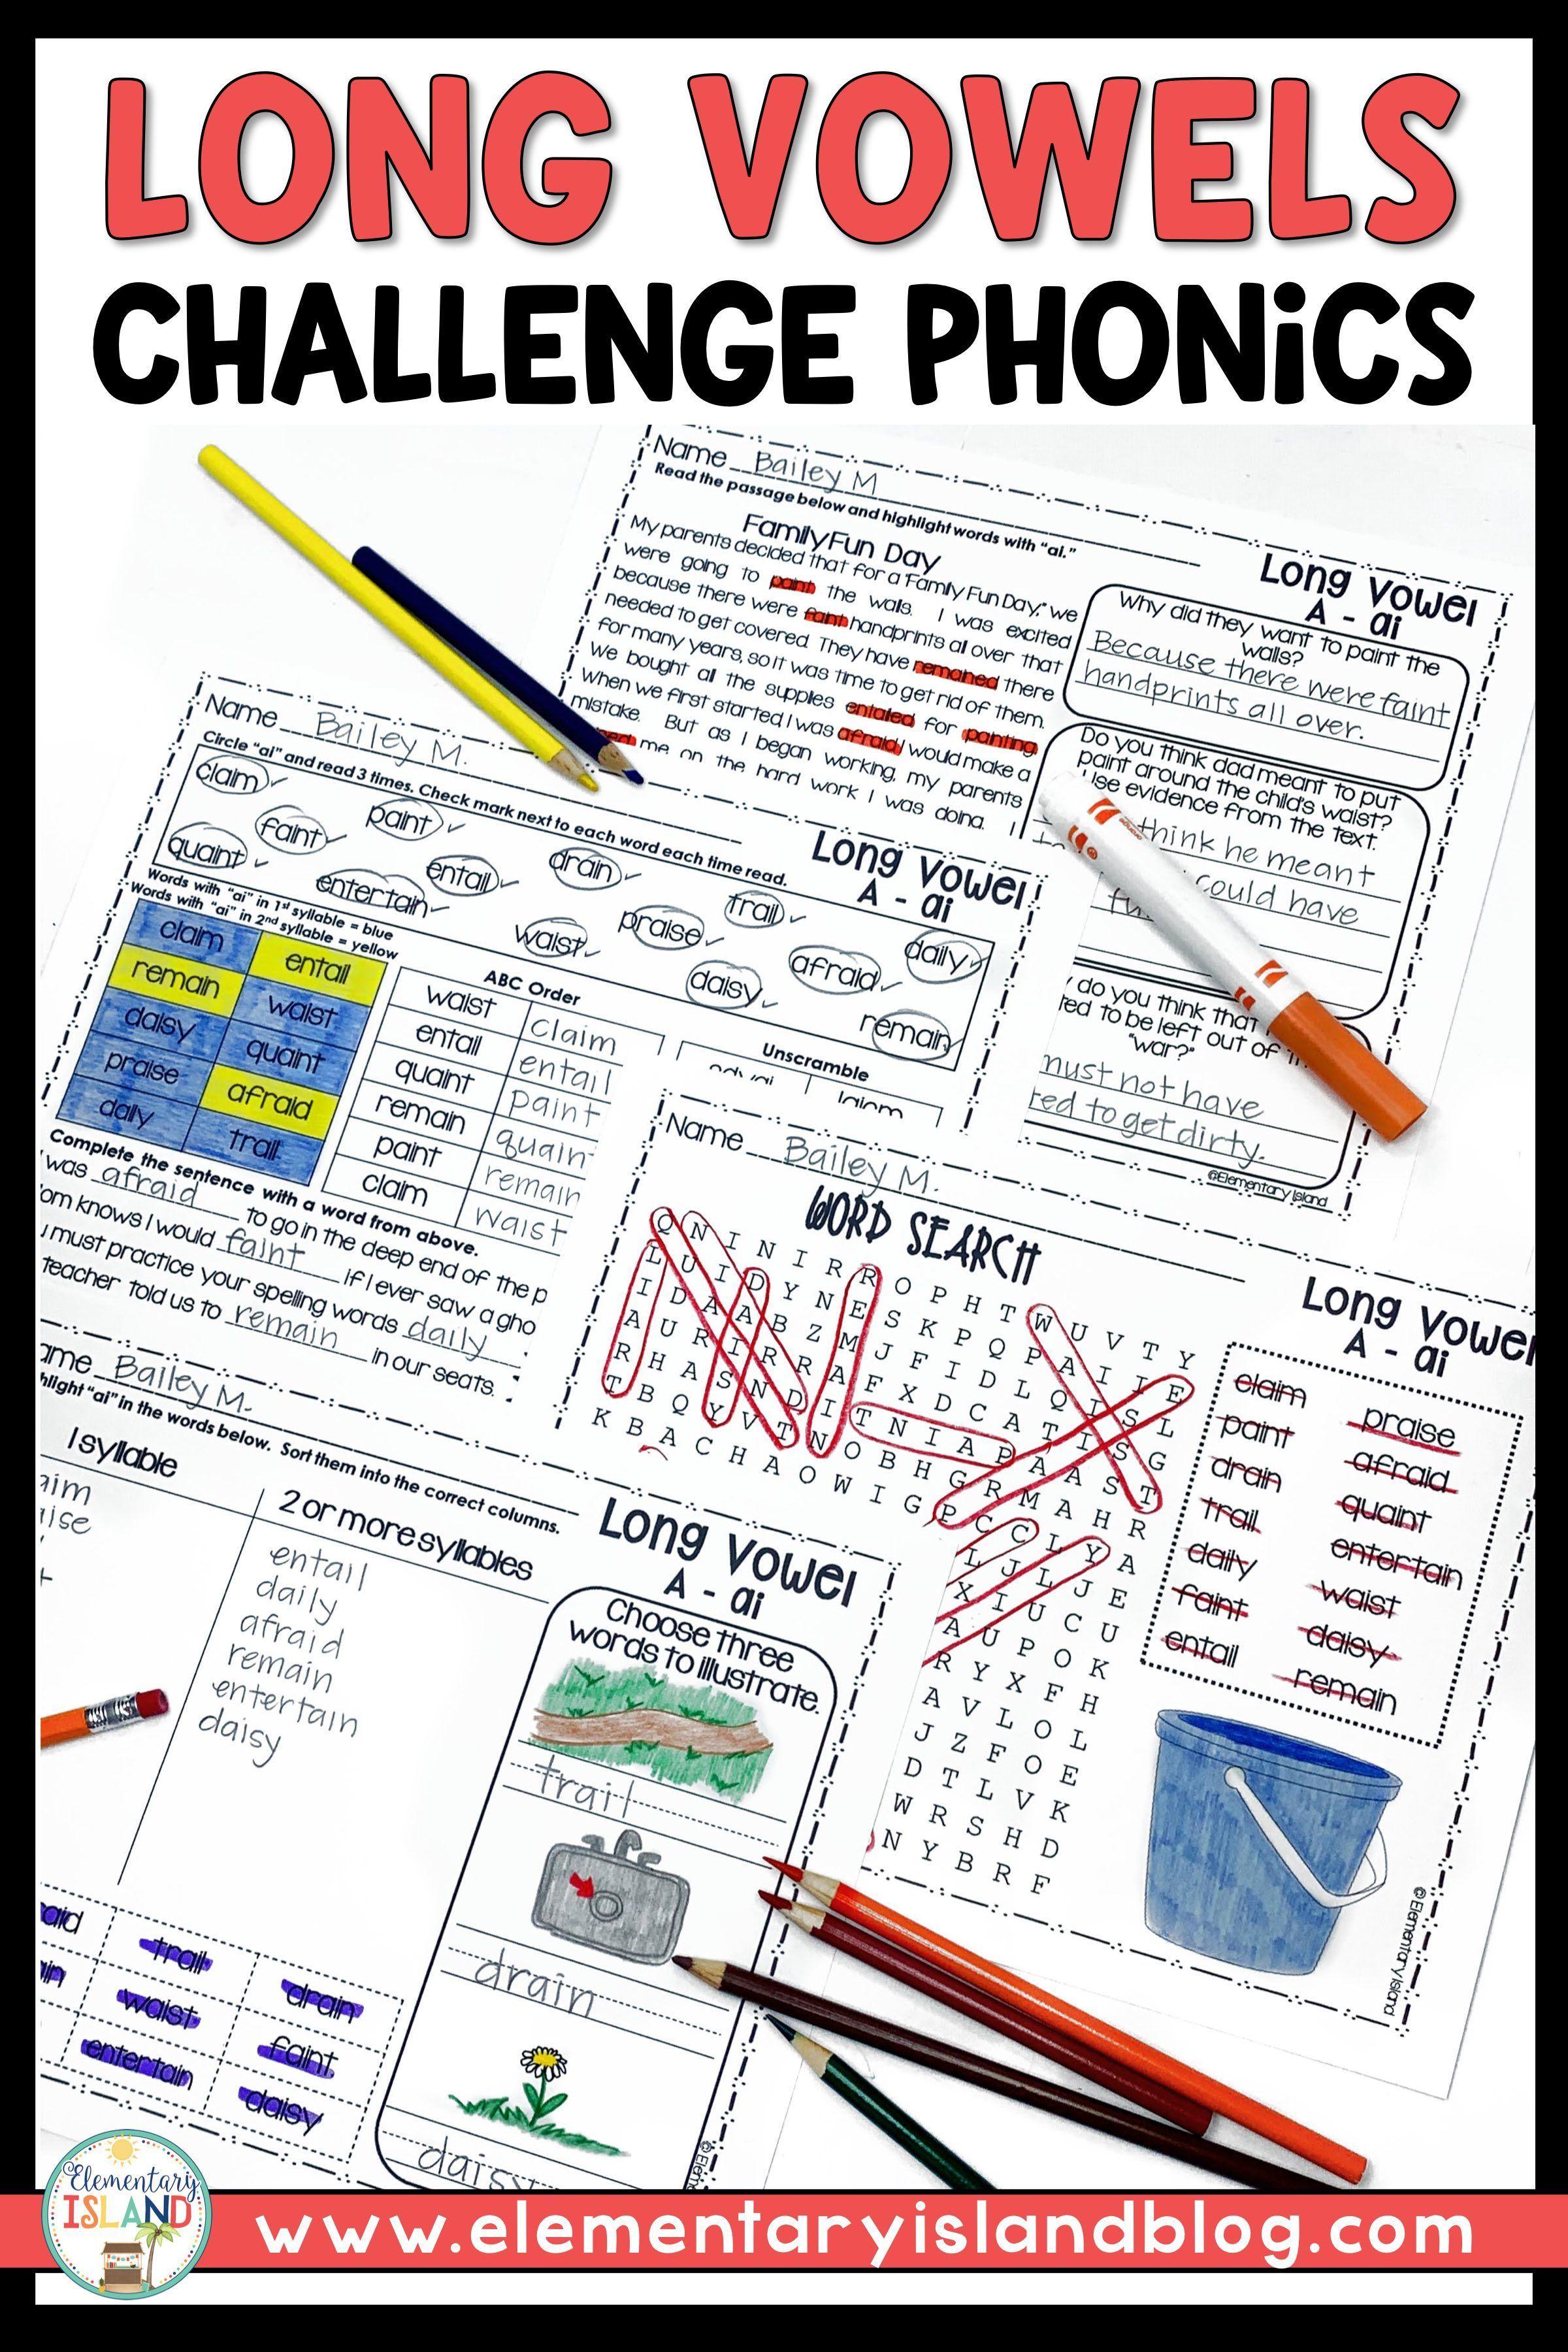 Challenge Phonics Long Vowels Worksheets   Vowel worksheets [ 3600 x 2400 Pixel ]